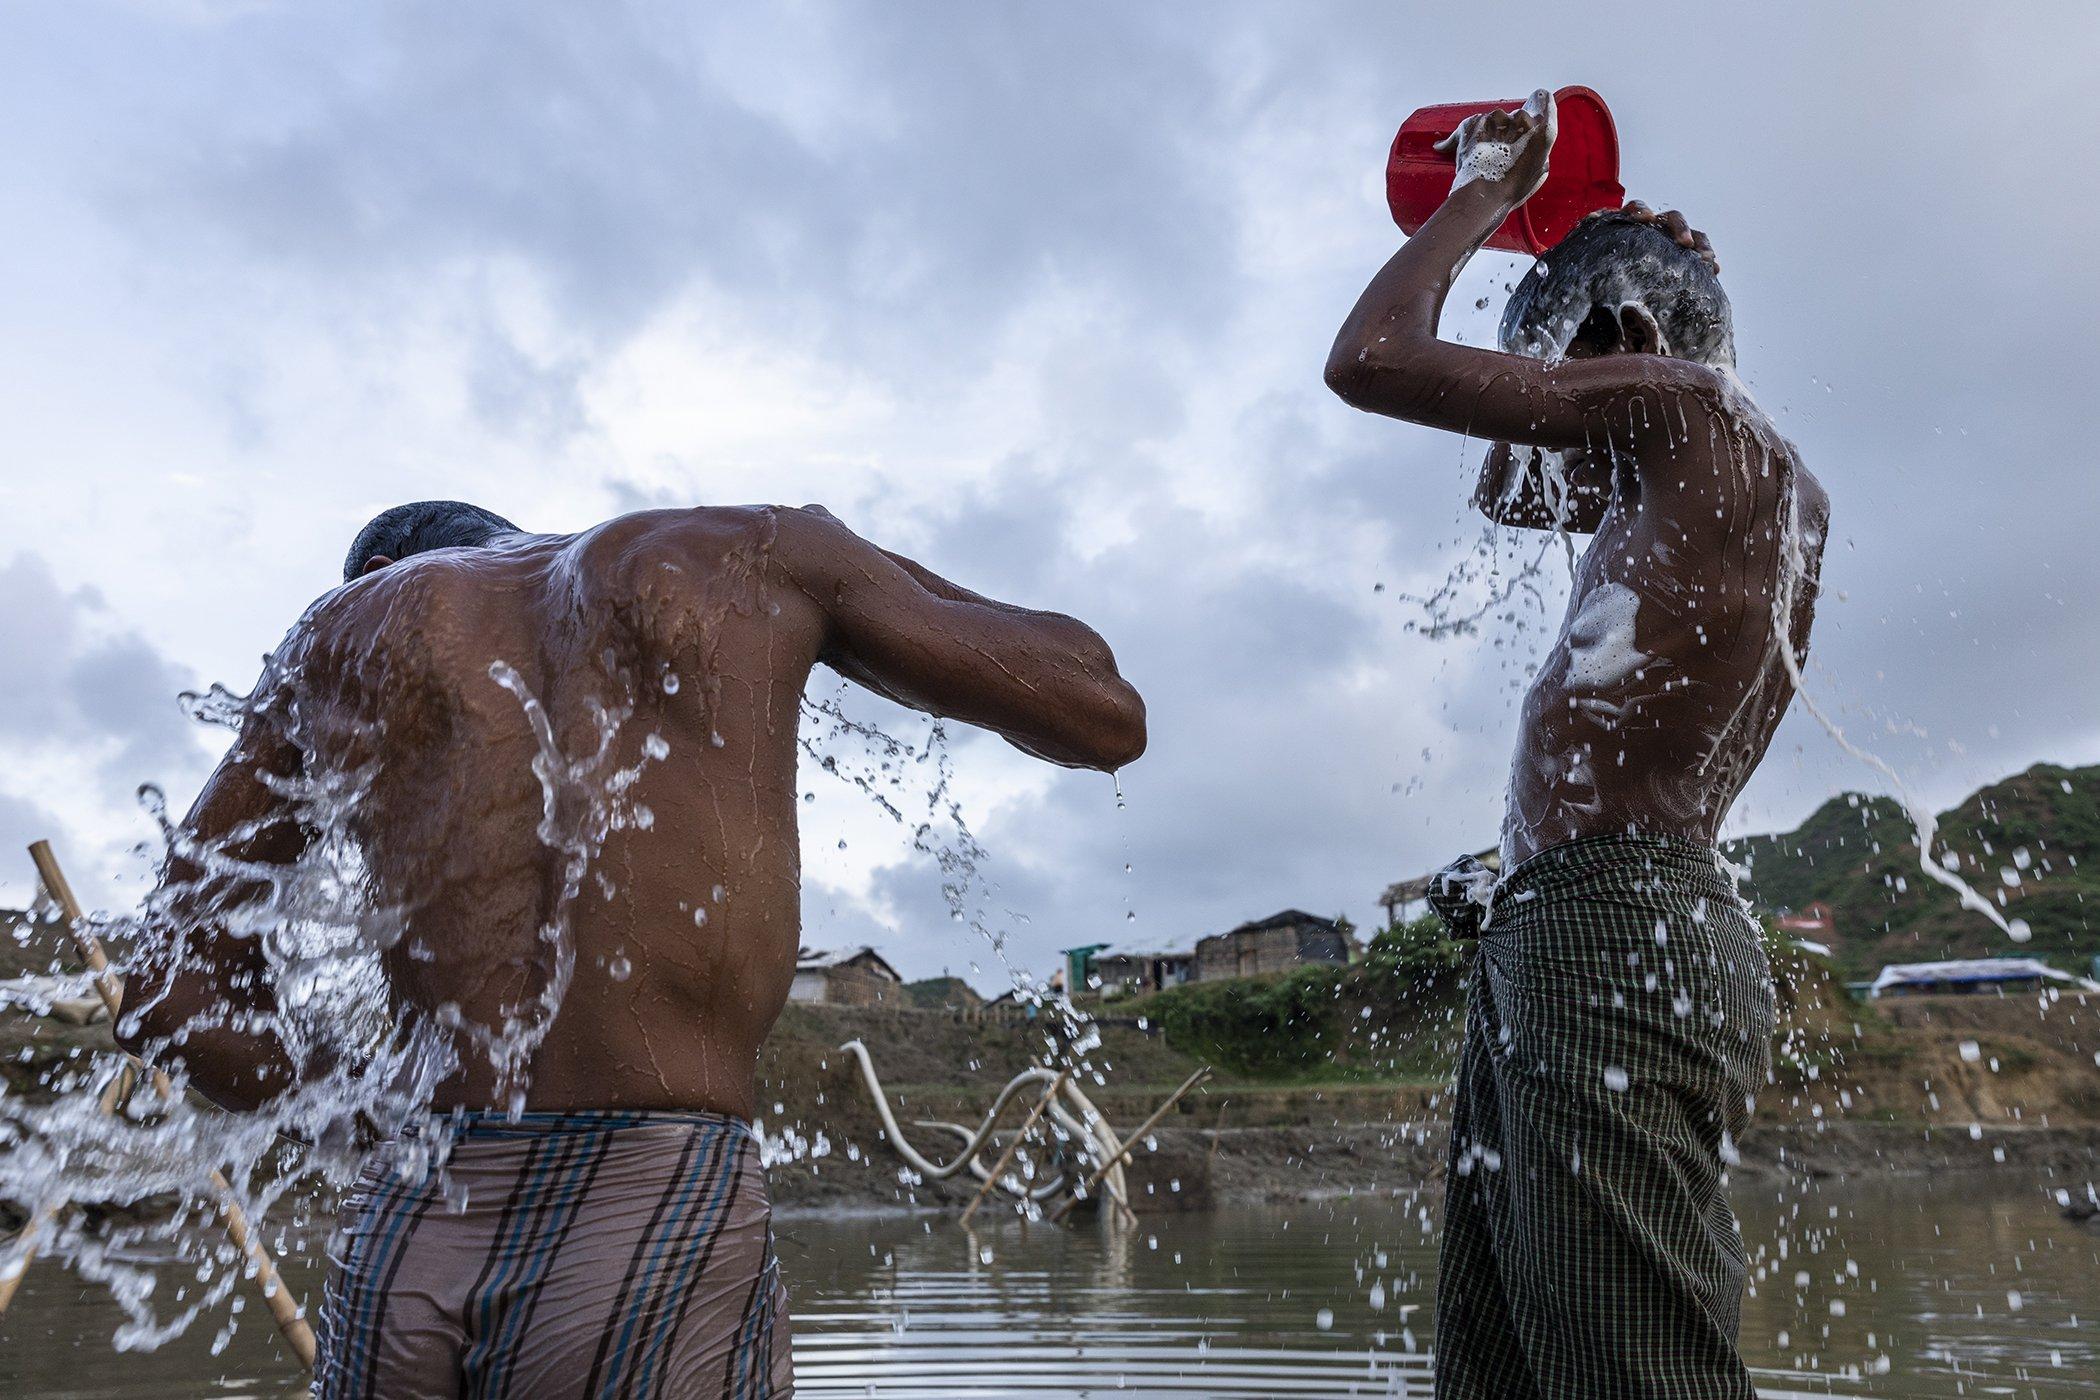 UNICEF-Water-Sanitation-Around-The-World-Report-2019-004.jpg